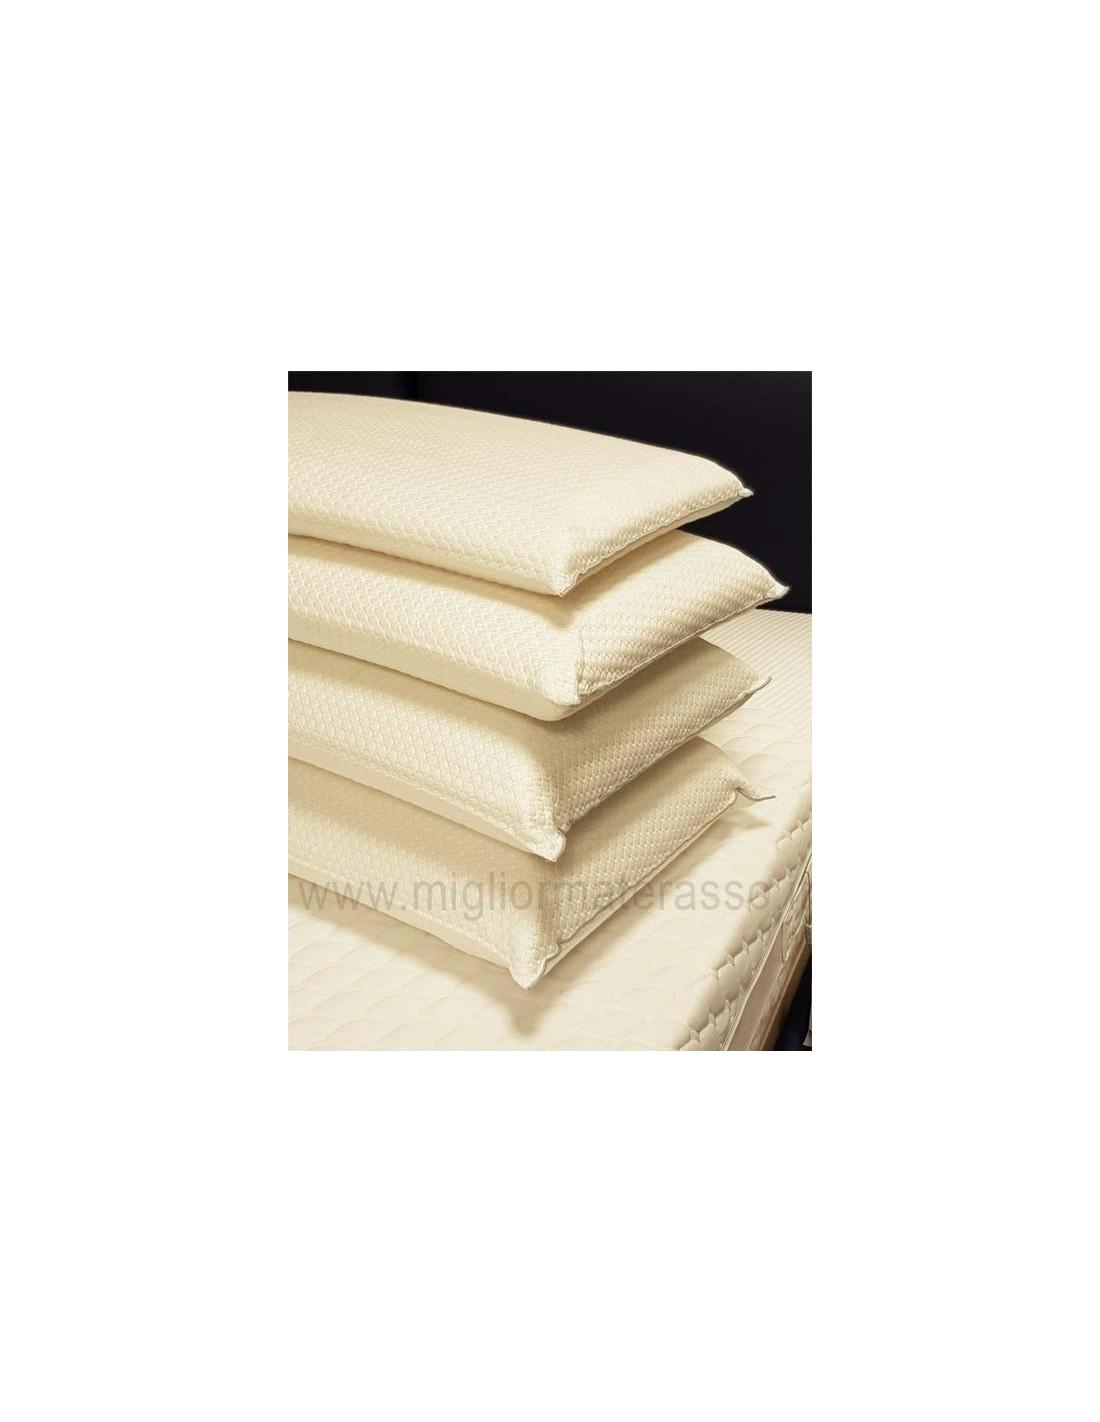 Cuscino Dorelan Sense.Msc Cruise Ship Pillow Dorelan Sense Memory Foam Pillows